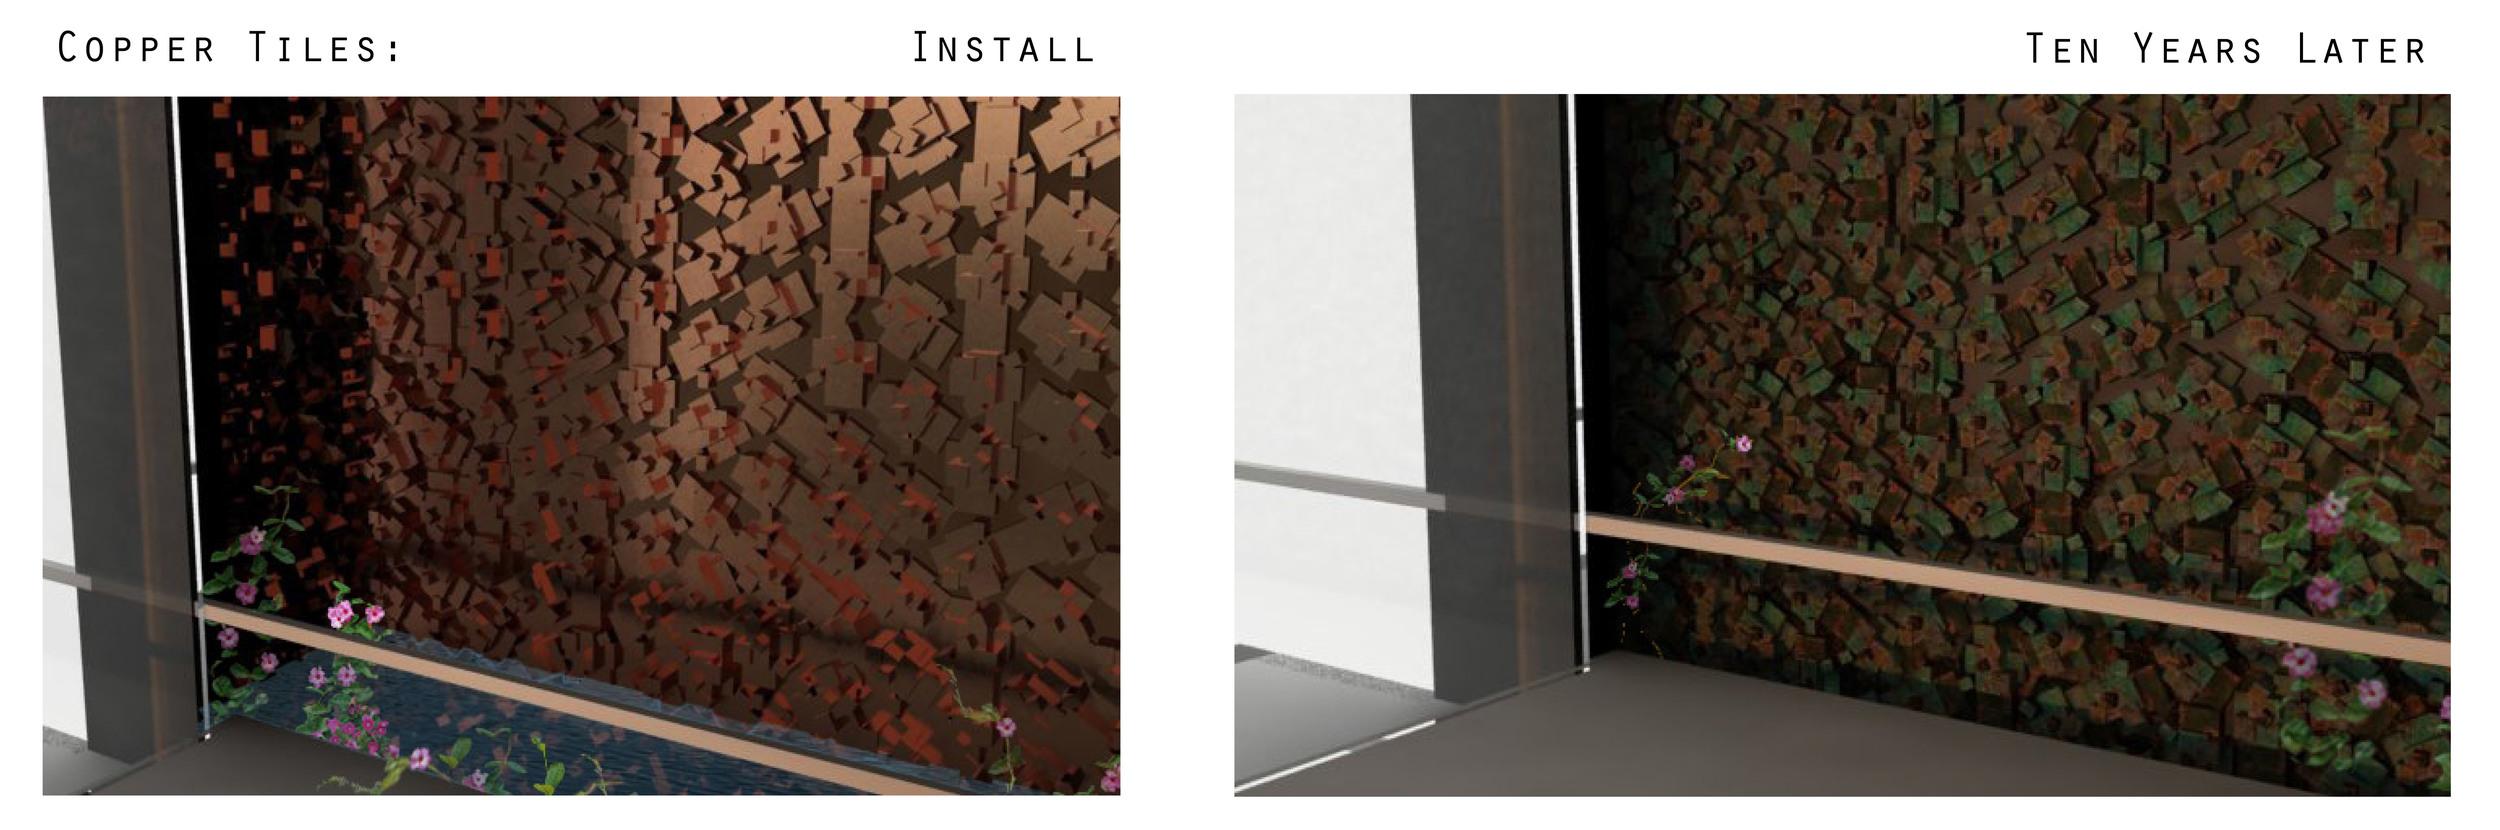 Copper Tiles Render.jpg